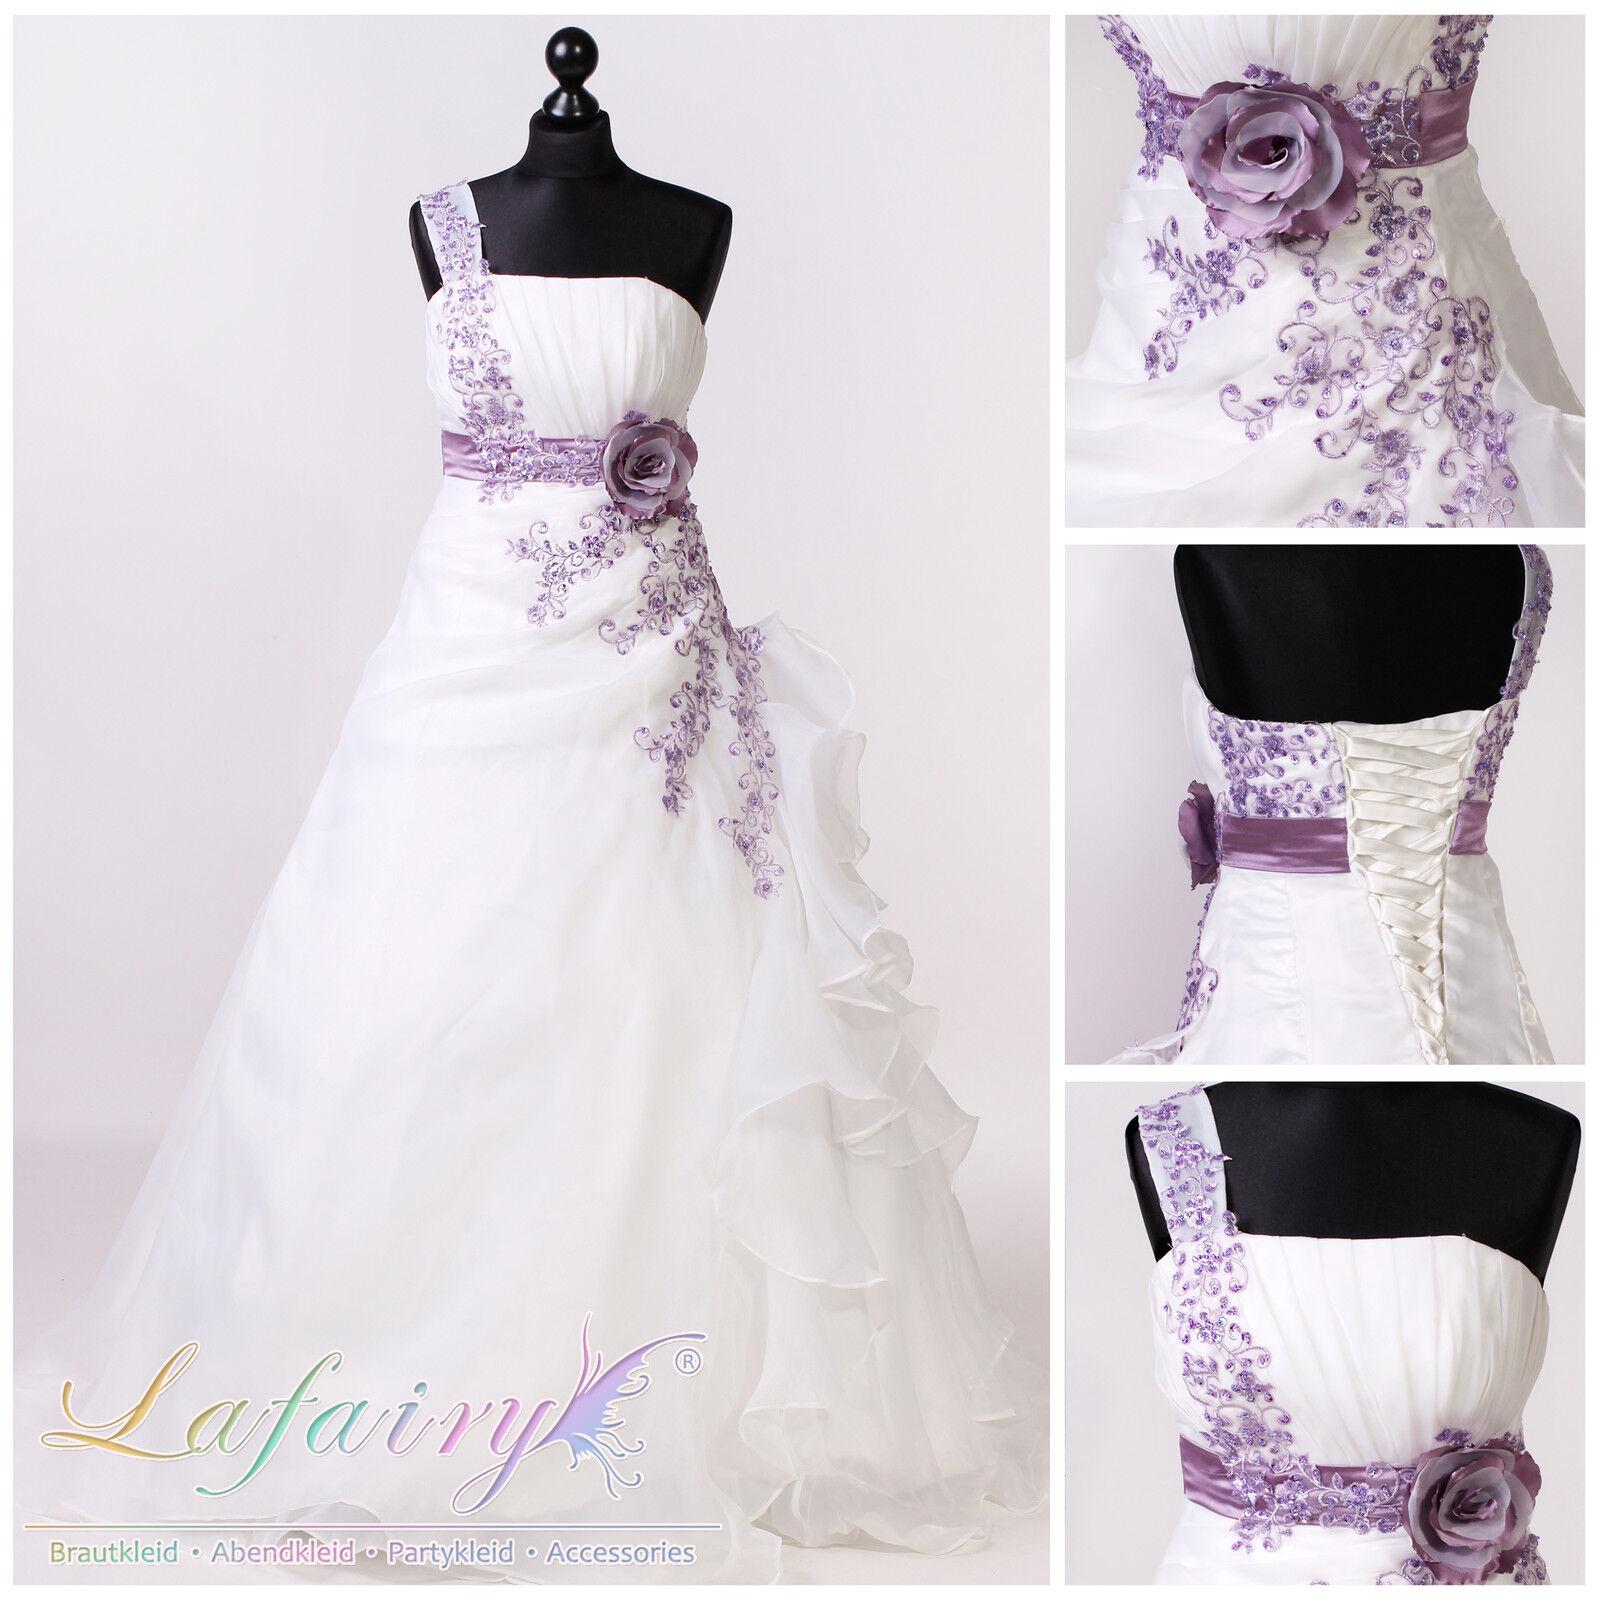 Brautkleider H221 Hochzeitskleider weiß ivory lila Blumen 1-Träger Lafairy